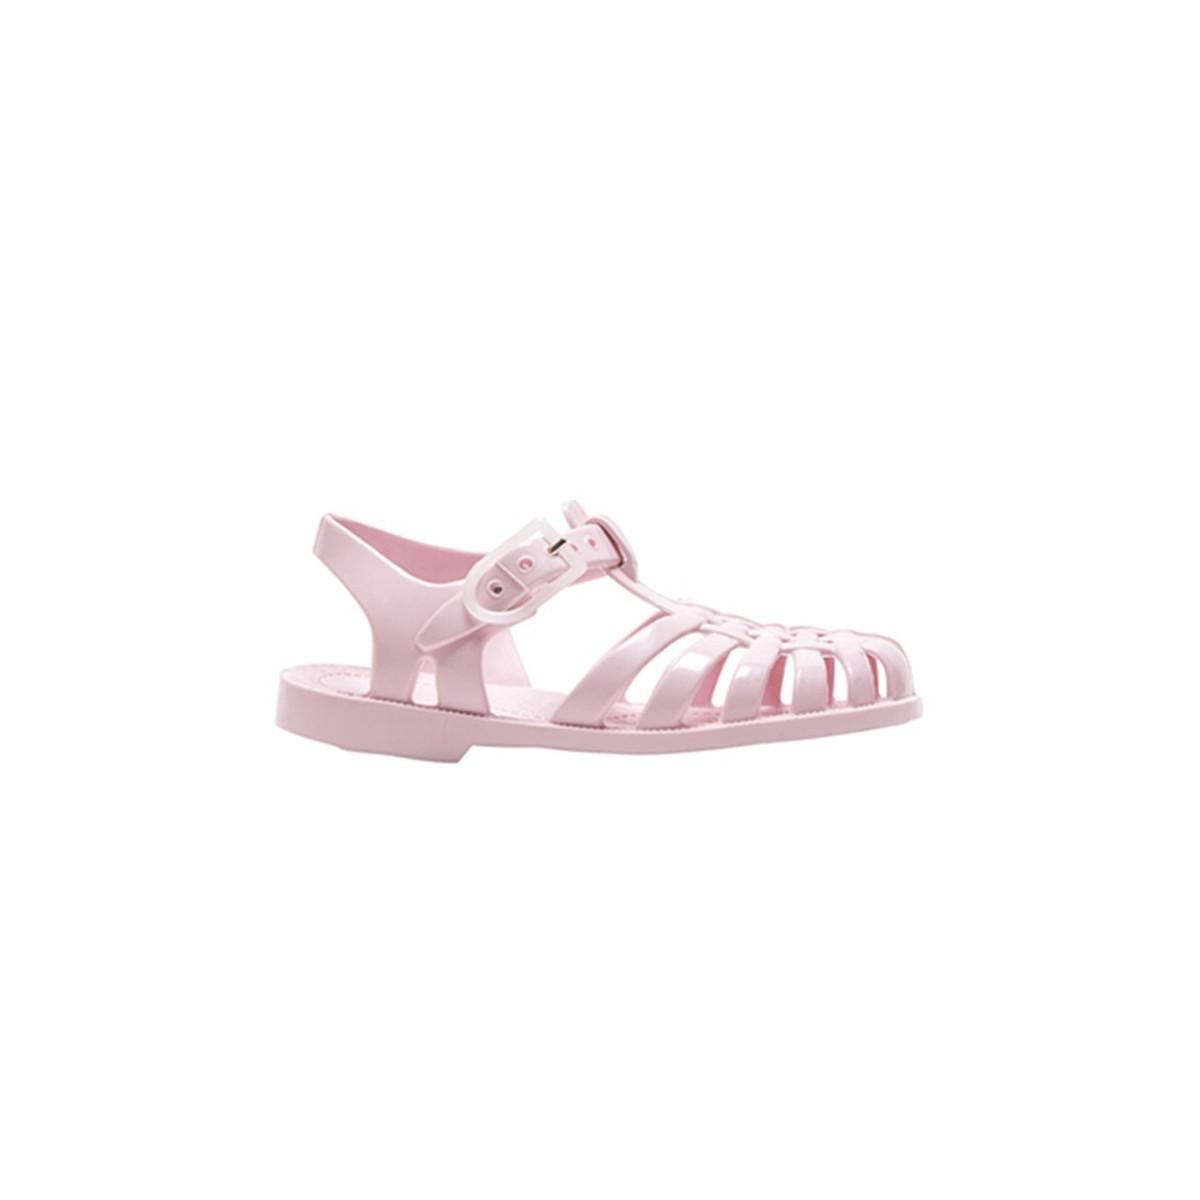 Sandale Méduse rose pastel